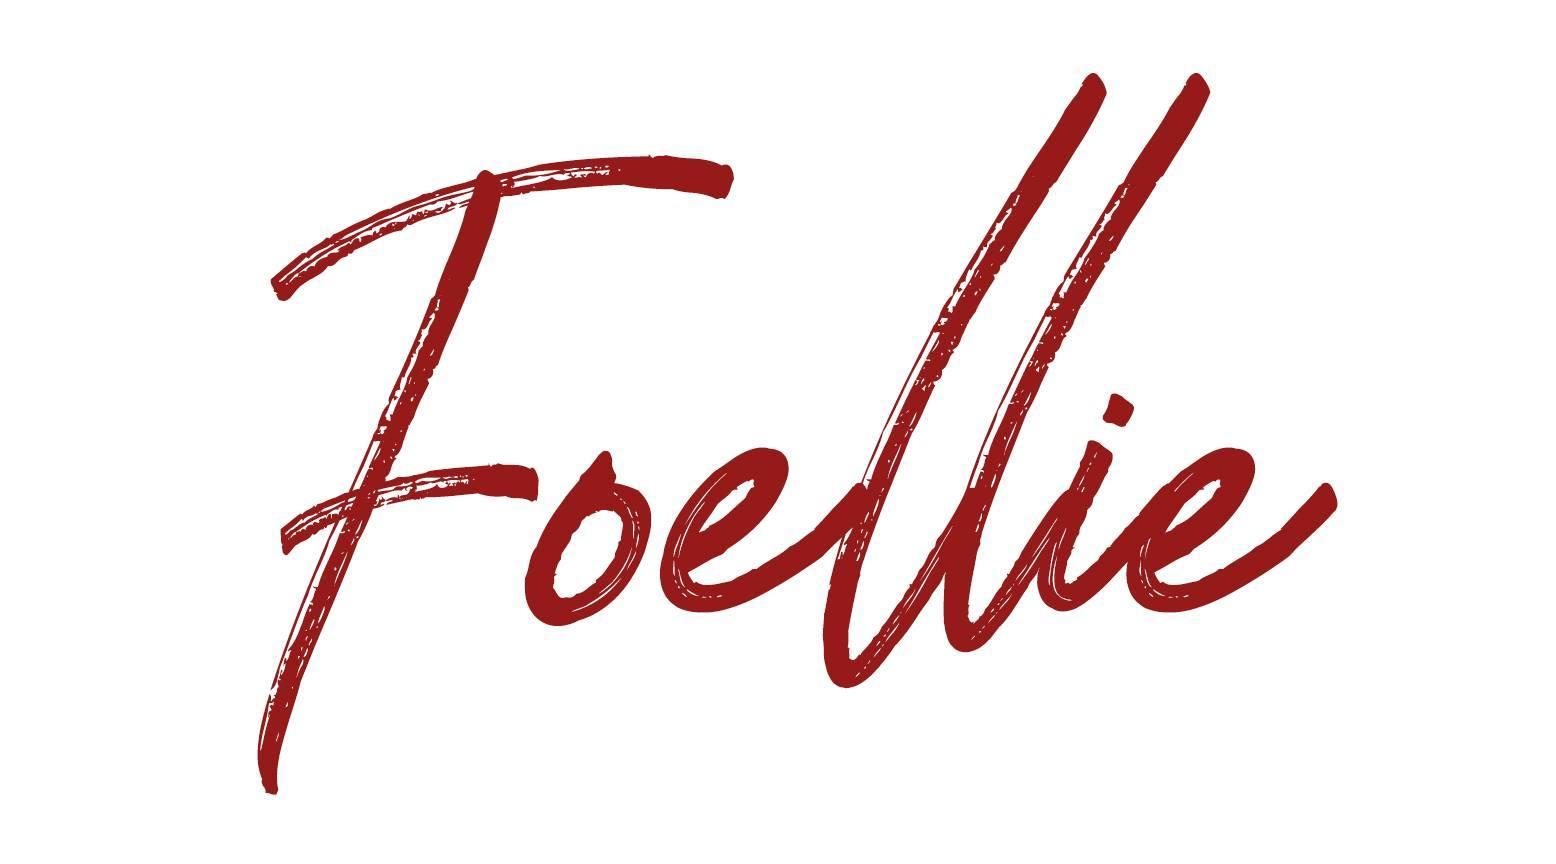 """Foellie - thuong hiệu Hàn Quốc chuyên sản xuất nước hoa dành riêng cho """"cô bé"""" (Ảnh Foellie)"""